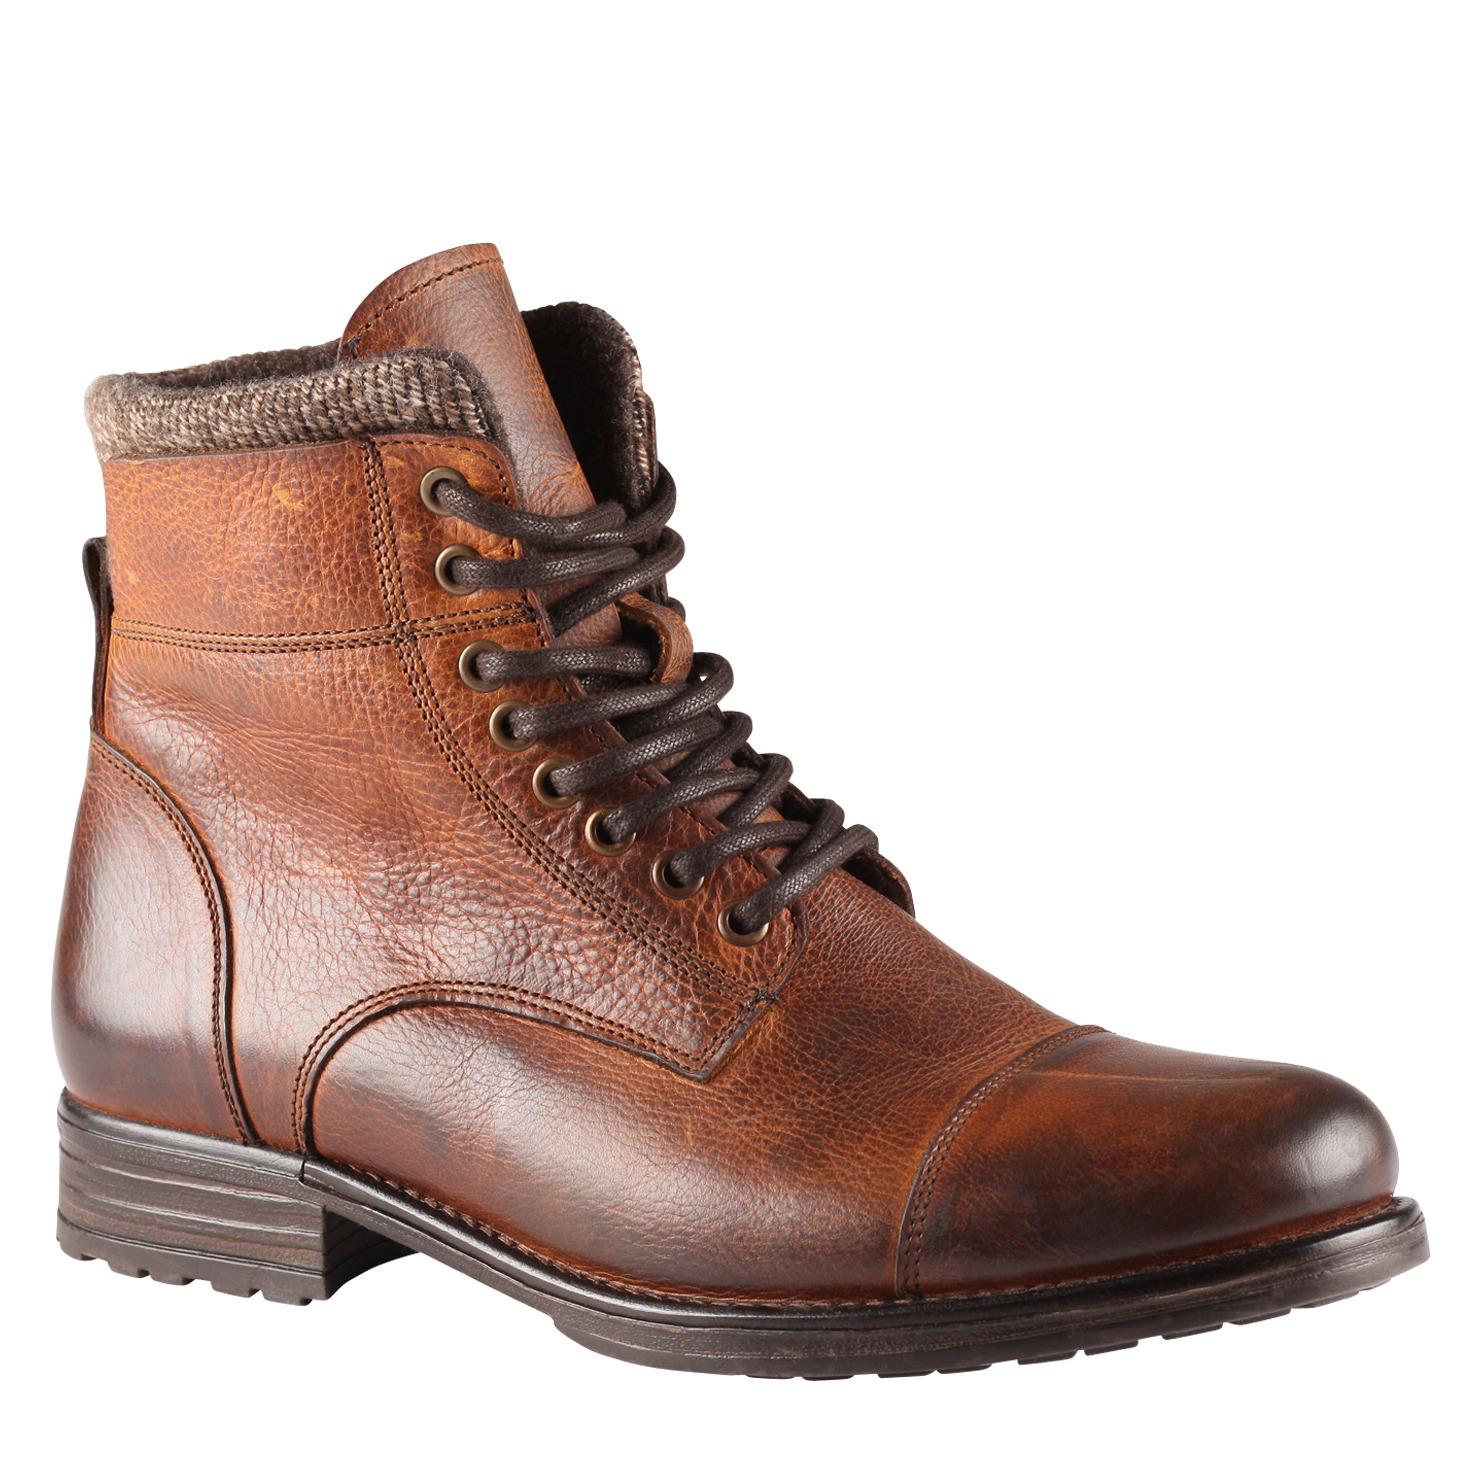 Aldo Mens Shoes Quality